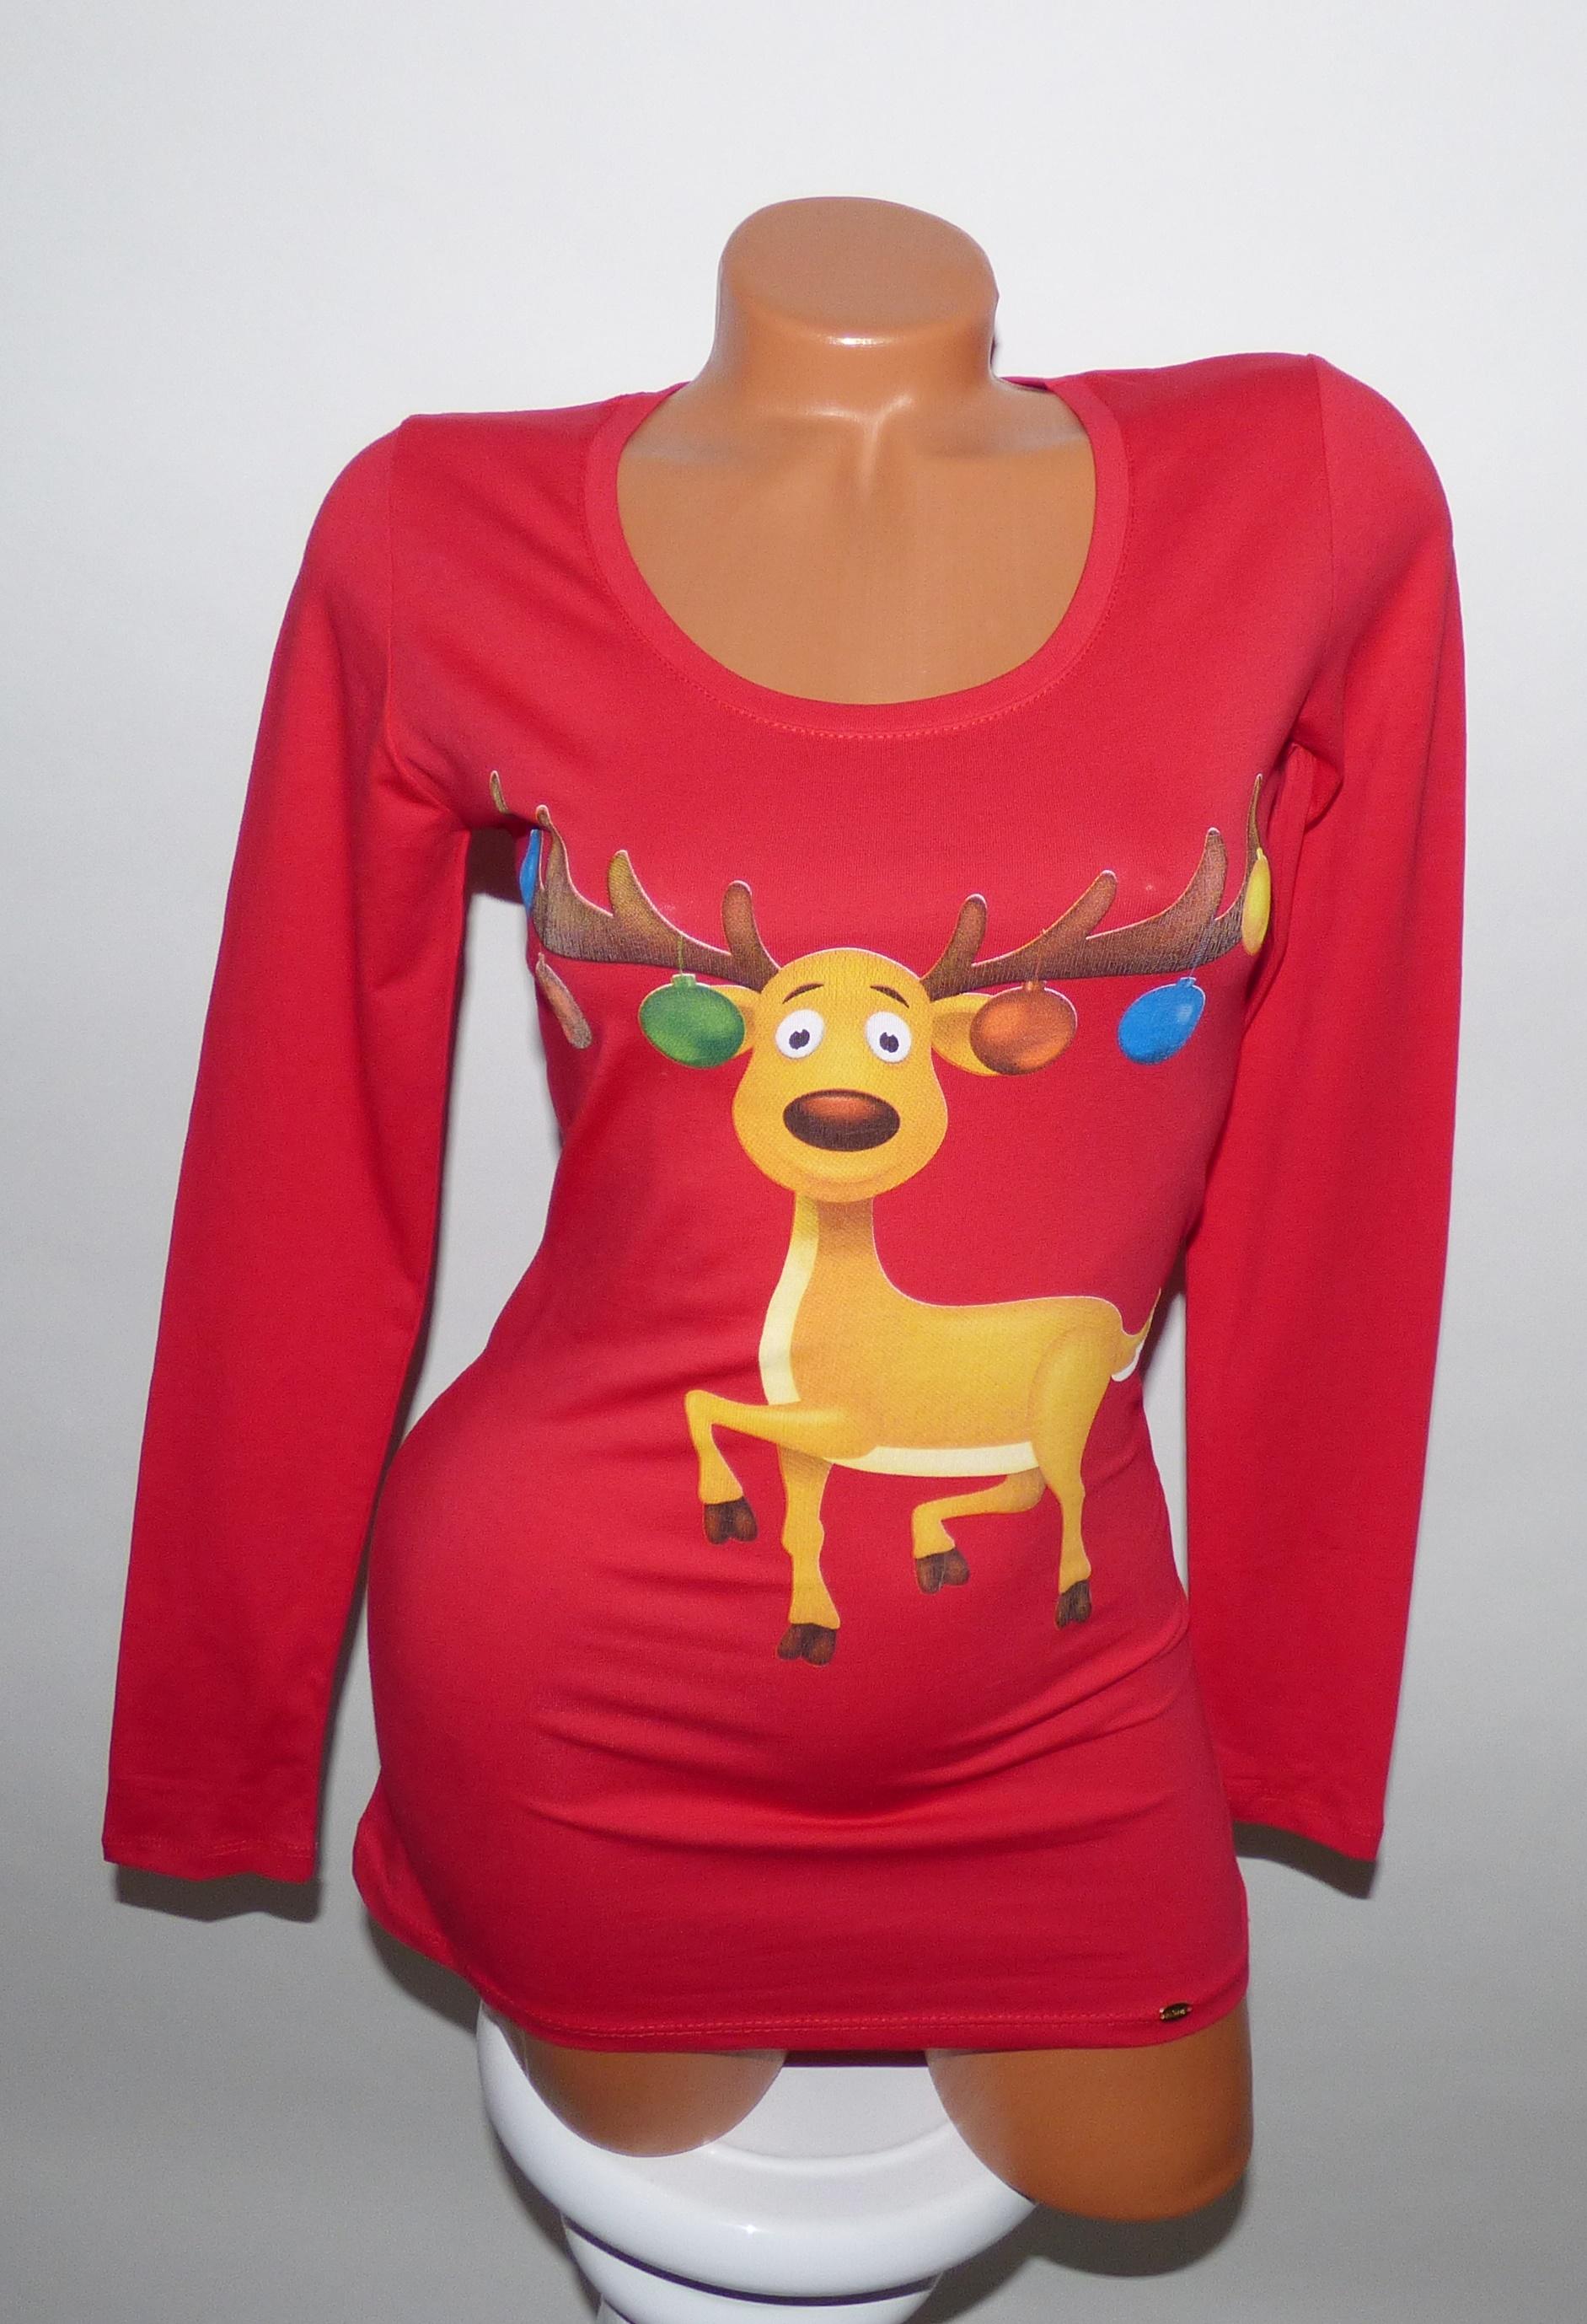 f020aafd12 Cuki karácsonyi pulcsi - Póló / Pulóver - Luna Gardrobe Női ruha WebÁruház,  Akciós - olcsó női ruha, Női ruha webshop, Online trendi - divatos ruha